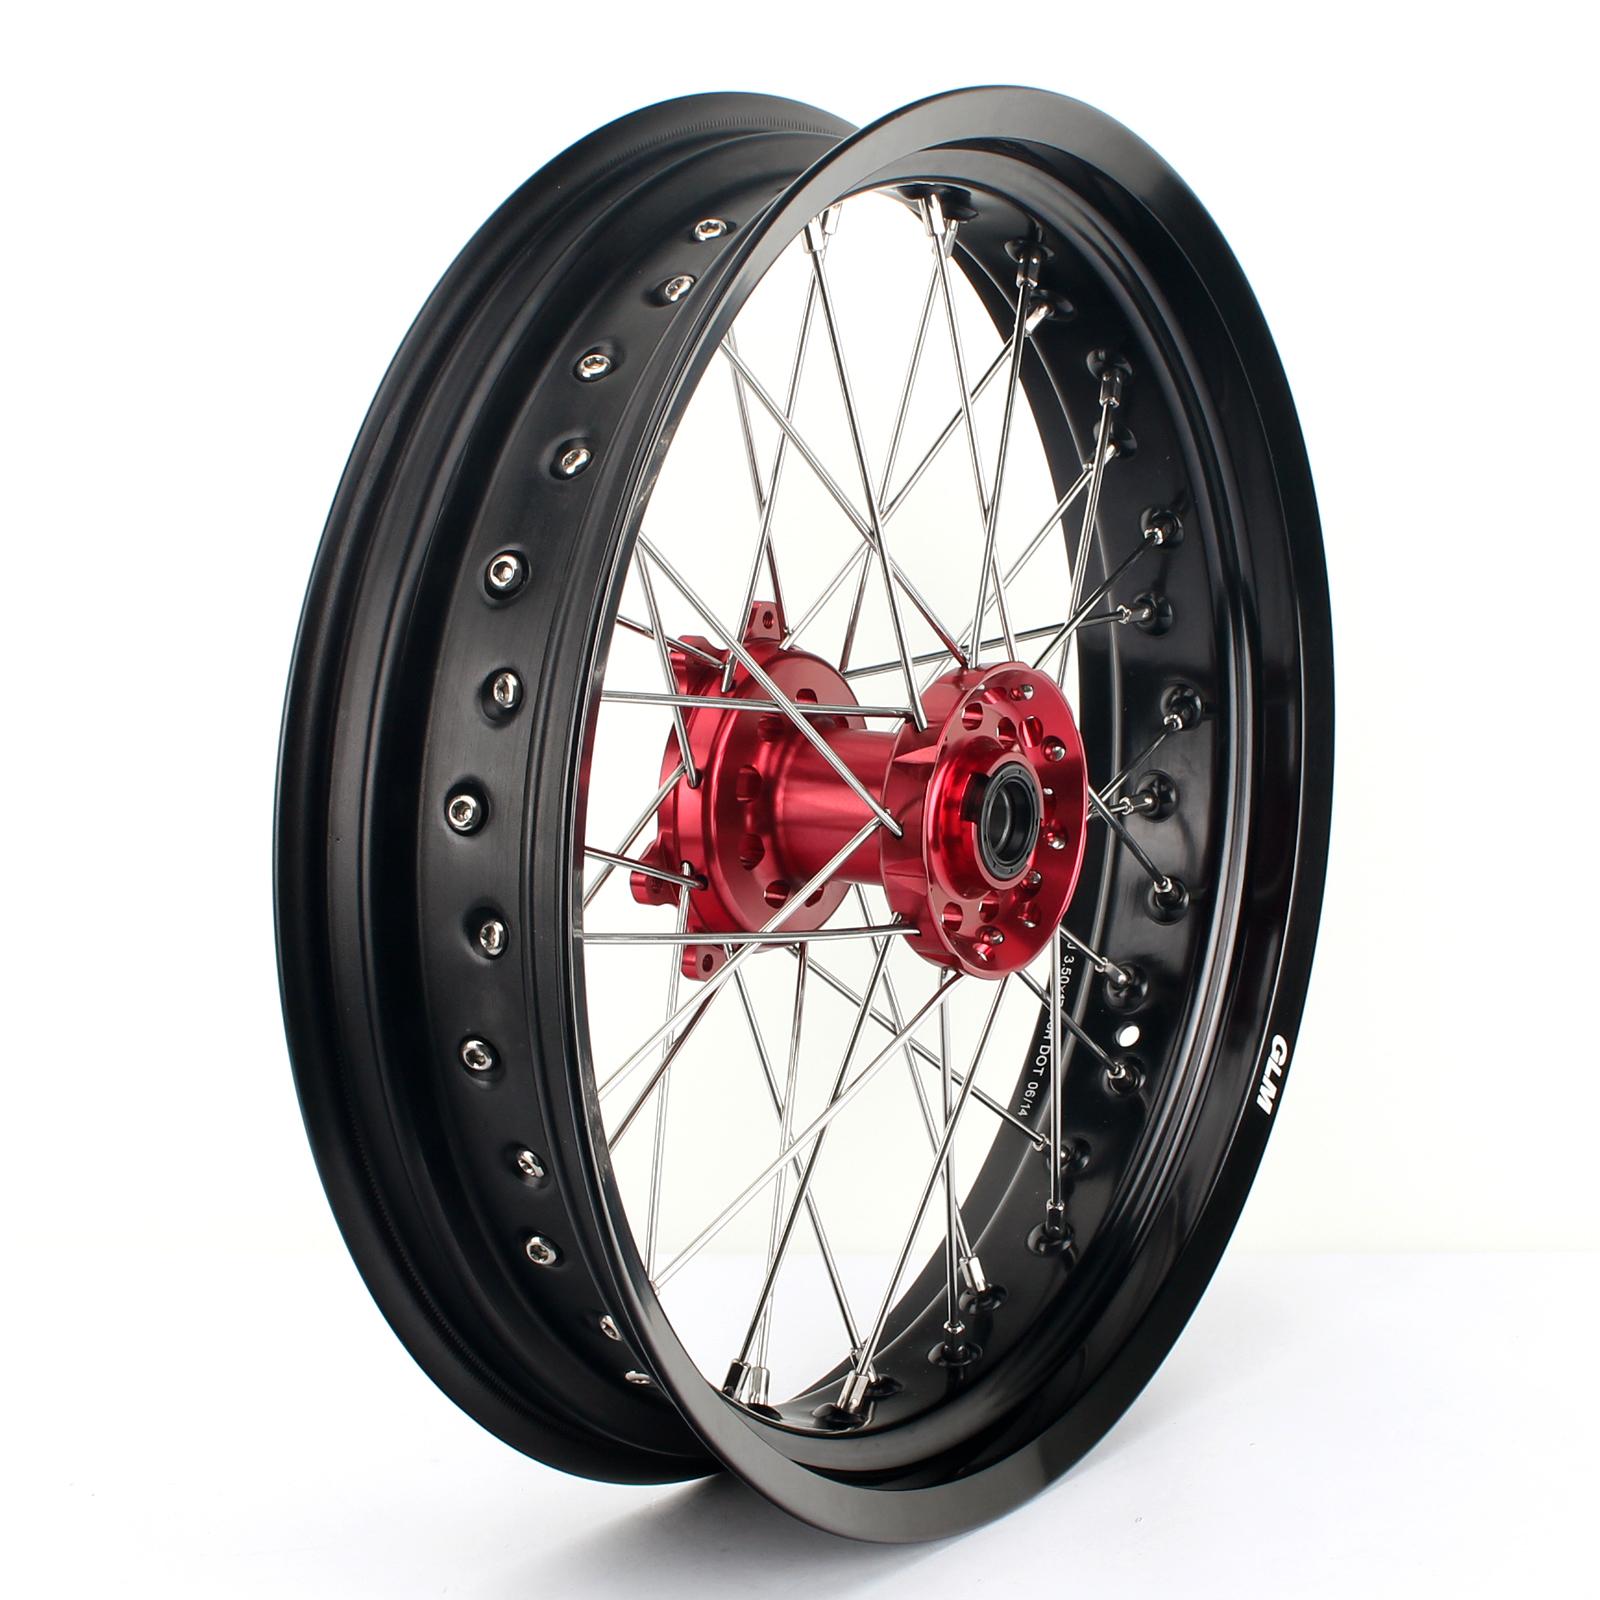 CNC Front Rear Wheel Hub For Honda CR125R CRF250R 02-07 CRF250R CRF450R 04-12